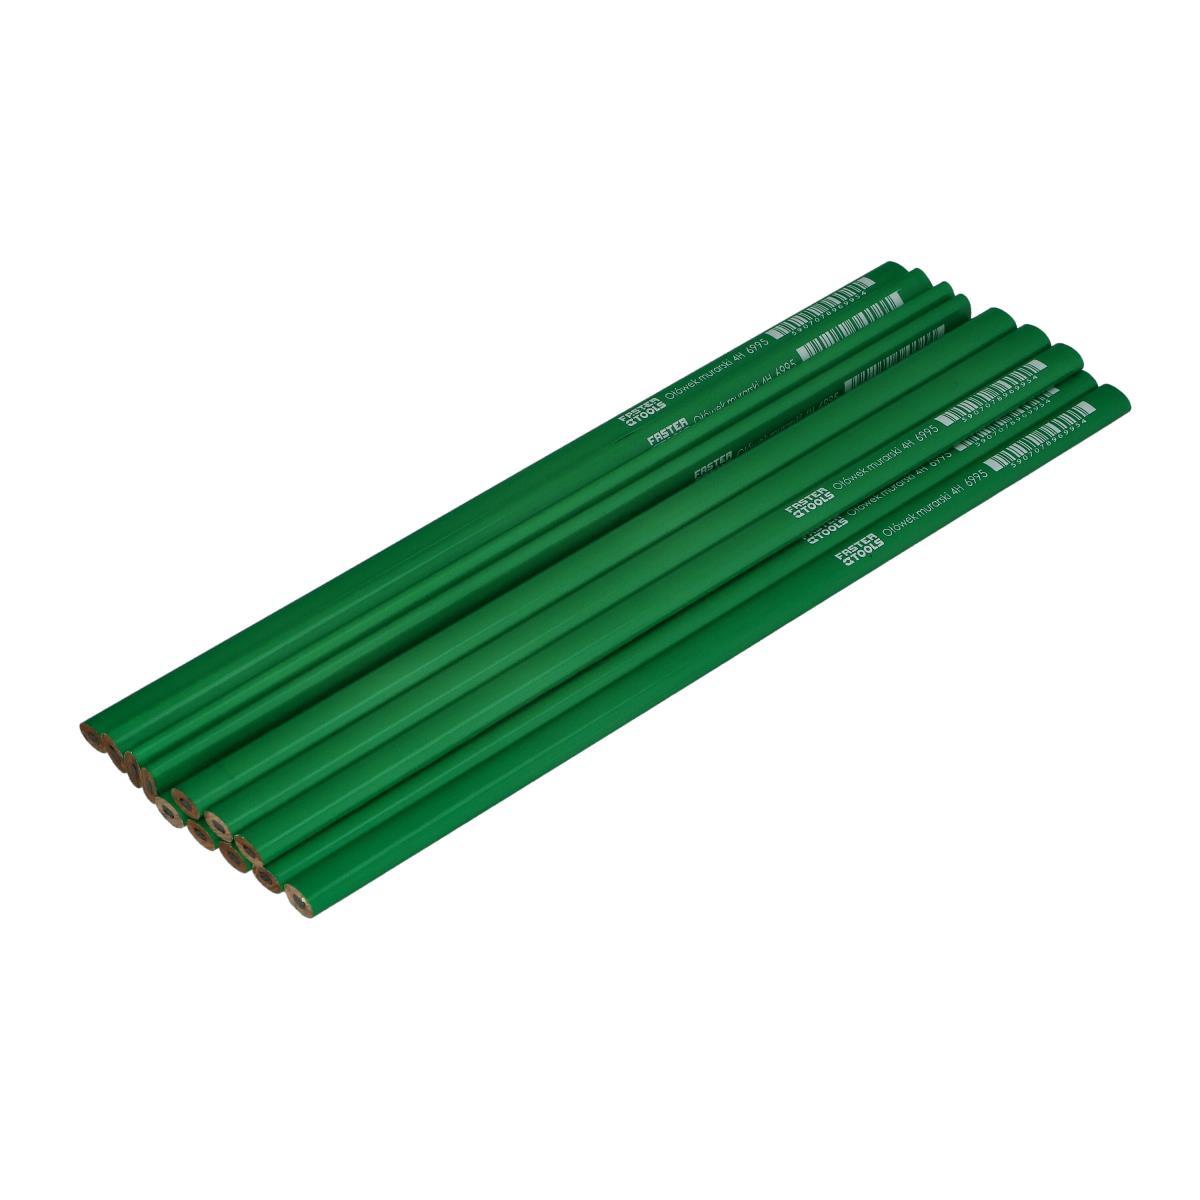 12 x Bleistift für Maurer 4H 30cm  Zimmermannbleistift Baubleistift Bleistift,FASTER TOOLS,6995, 5907078969954